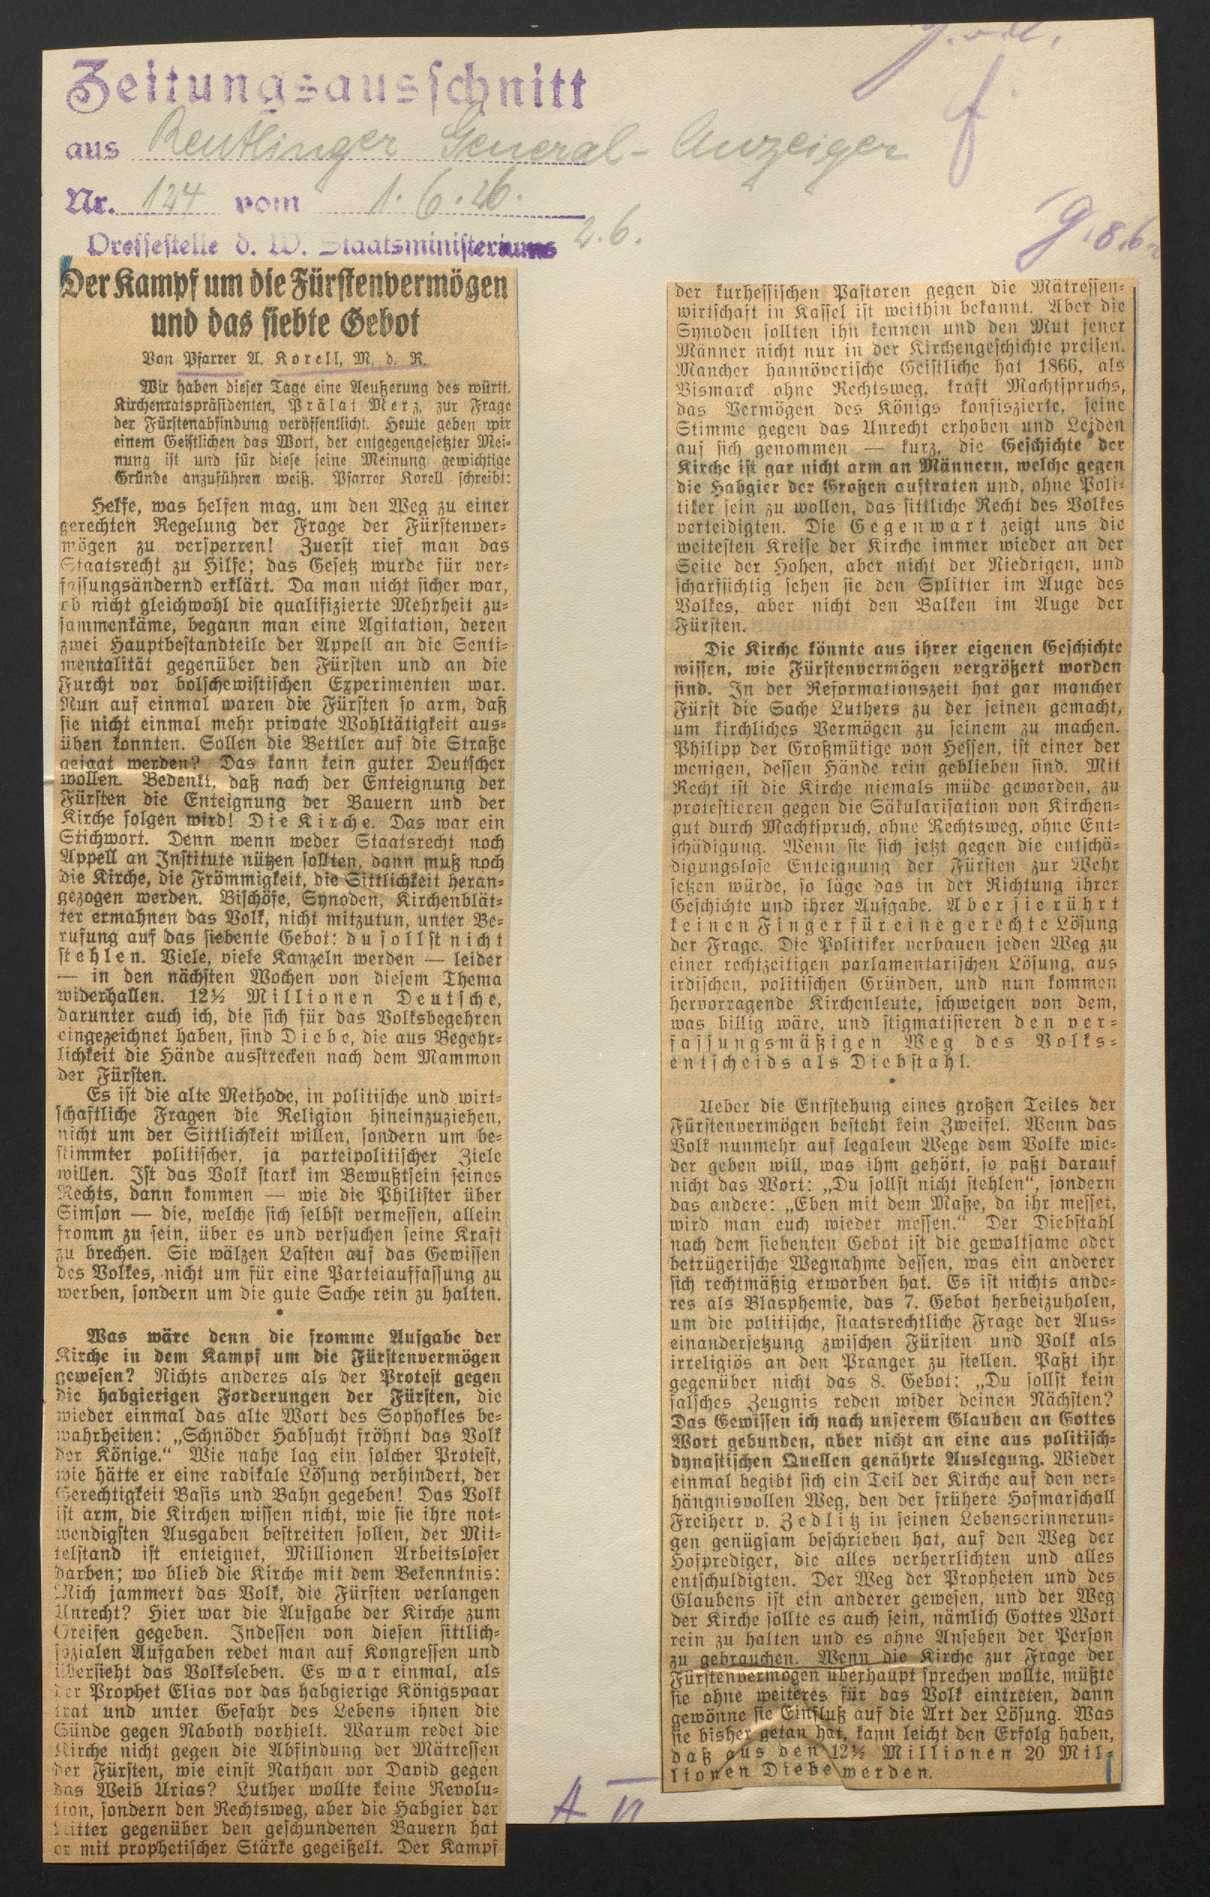 Abfindung der Fürstenhäuser (Volksbegehren, Volksentscheid) sowie Vermögensauseinandersetzung mit dem Haus Württemberg, Bild 3